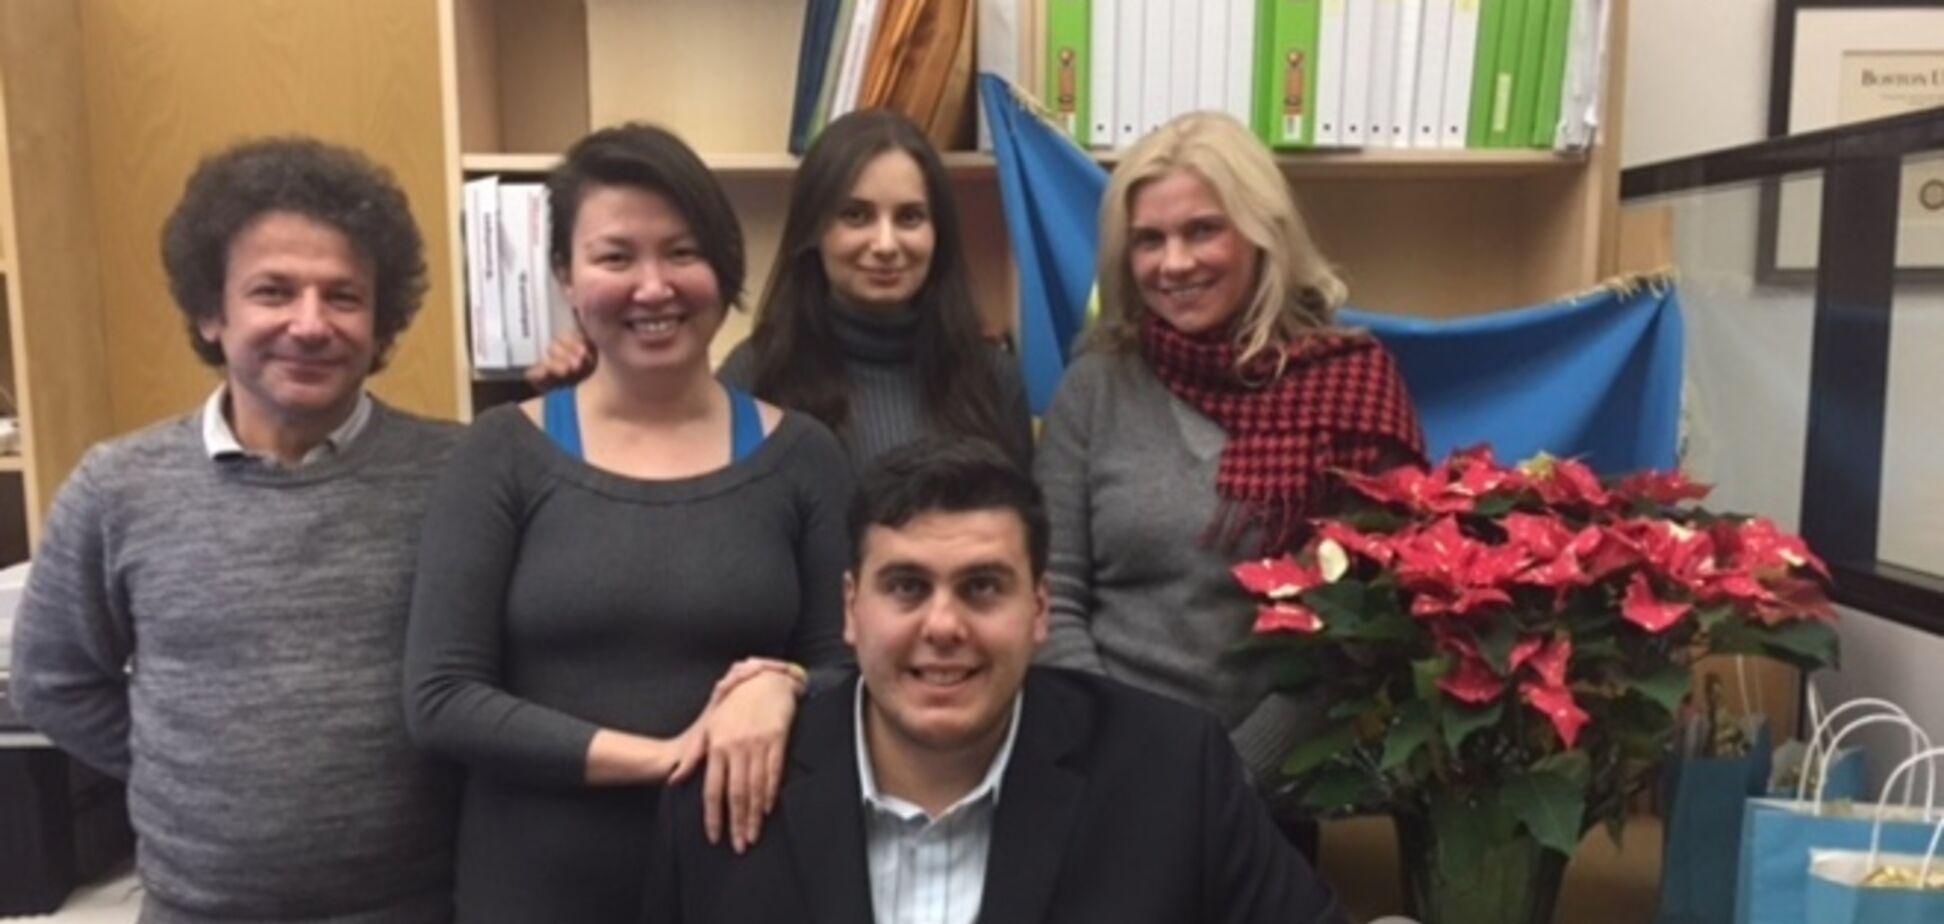 Волонтеры 'Nova Ukraine': Мы хотим, чтобы интеллектуалы Силиконовой долины помогли привести Украину к процветанию